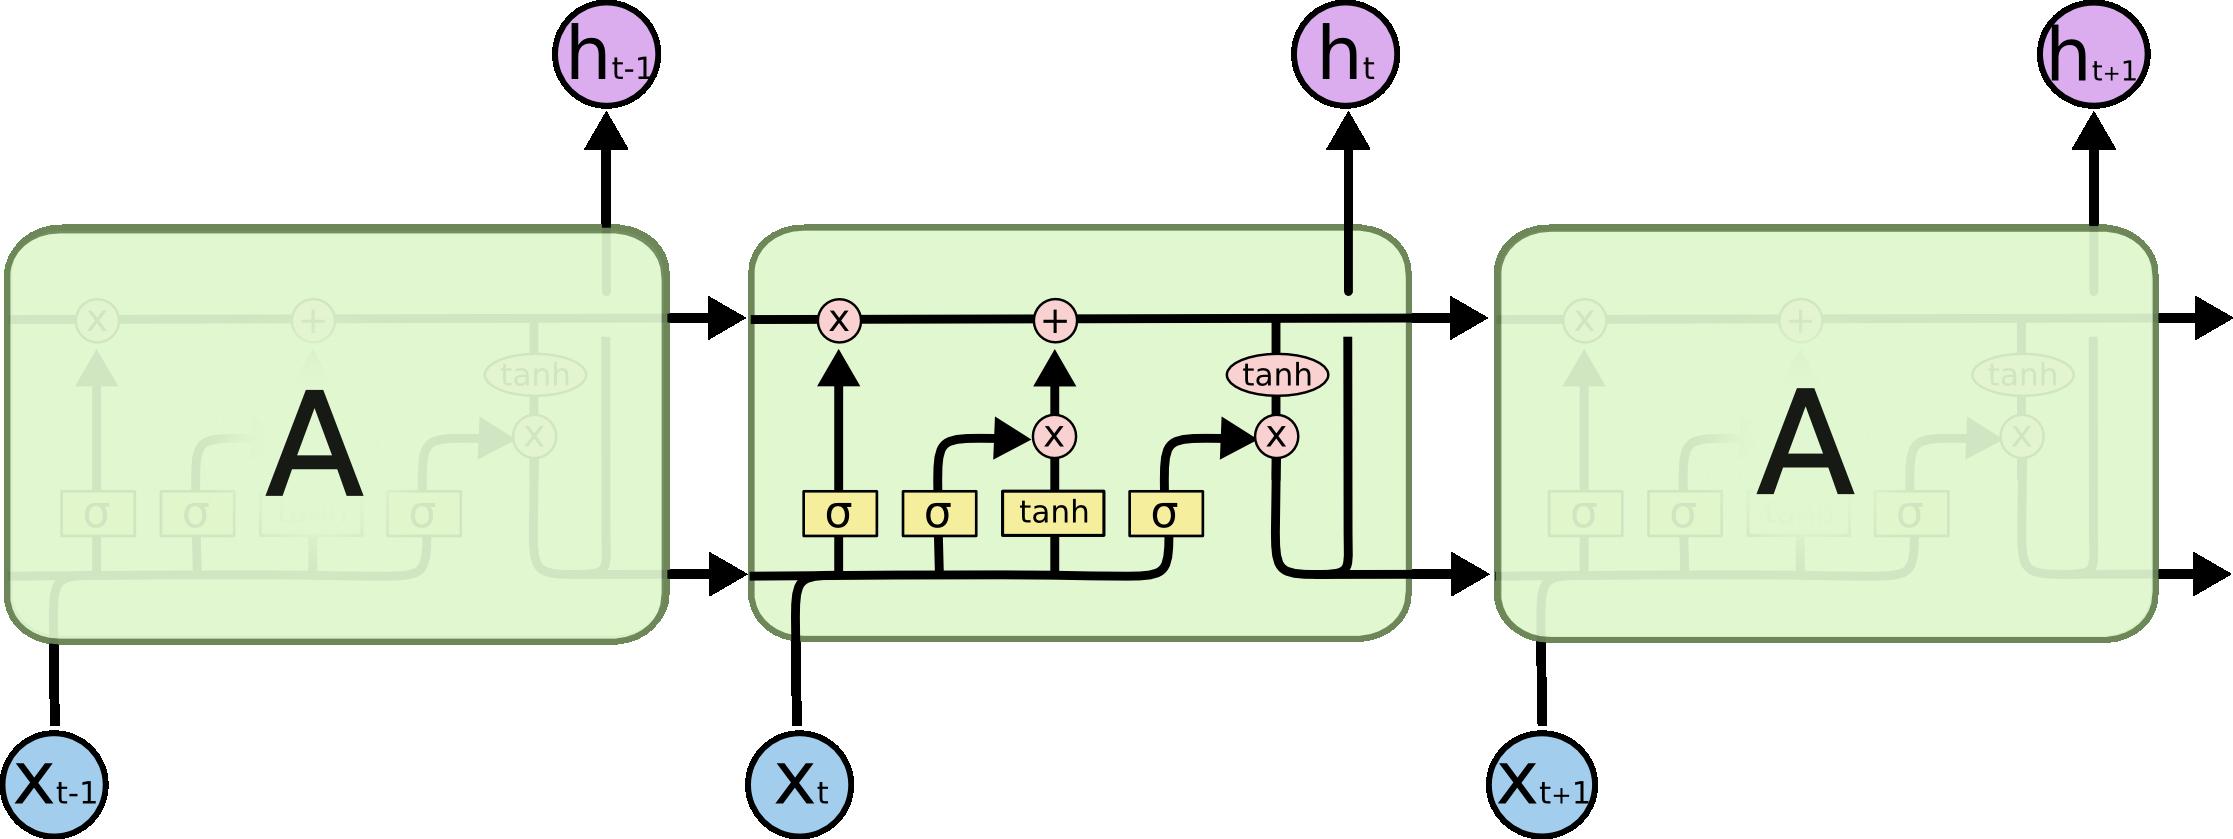 LSTM-рекурентная сеть